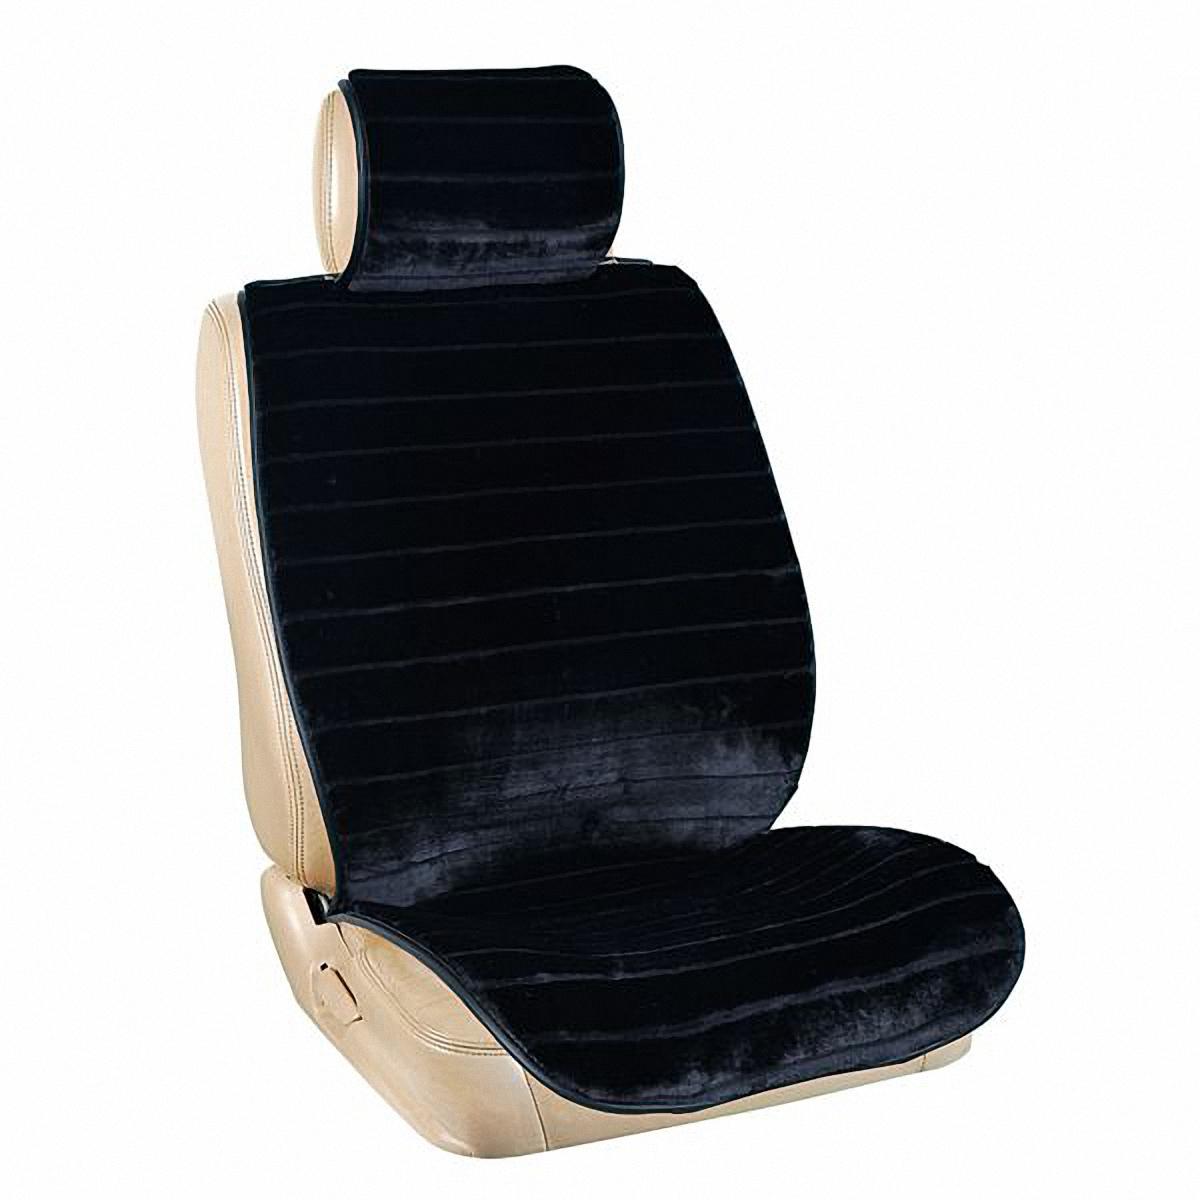 Накидки автомобильные Skyway, цвет: черный. S03001069 защитная накидка смешарики под детское кресло цвет серый 118 х 48 см